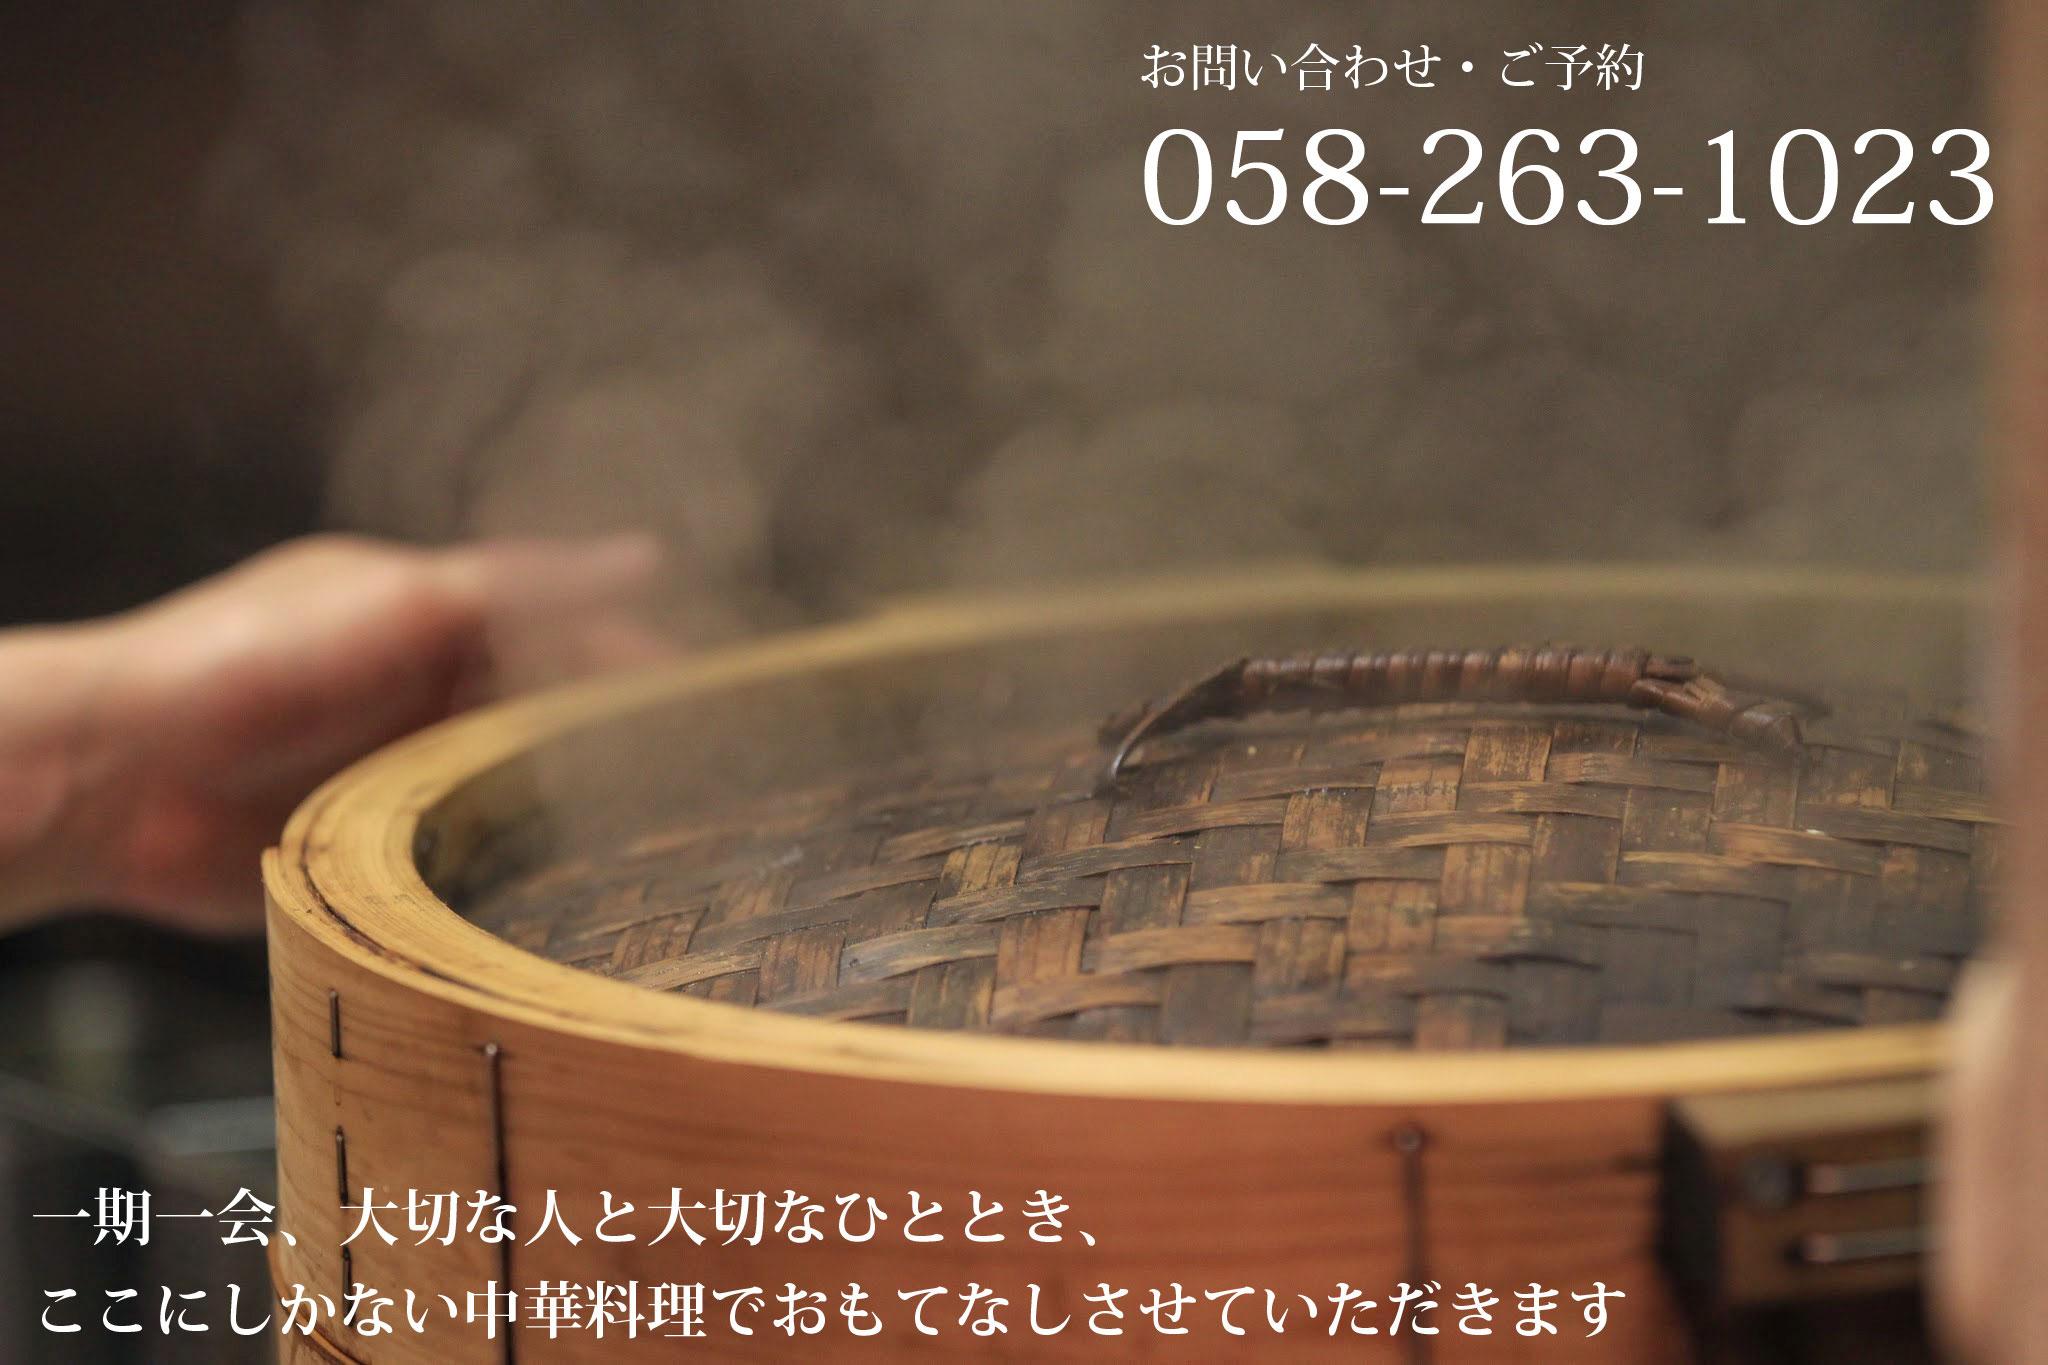 岐阜市の中華 中国料理ロータスダイニング